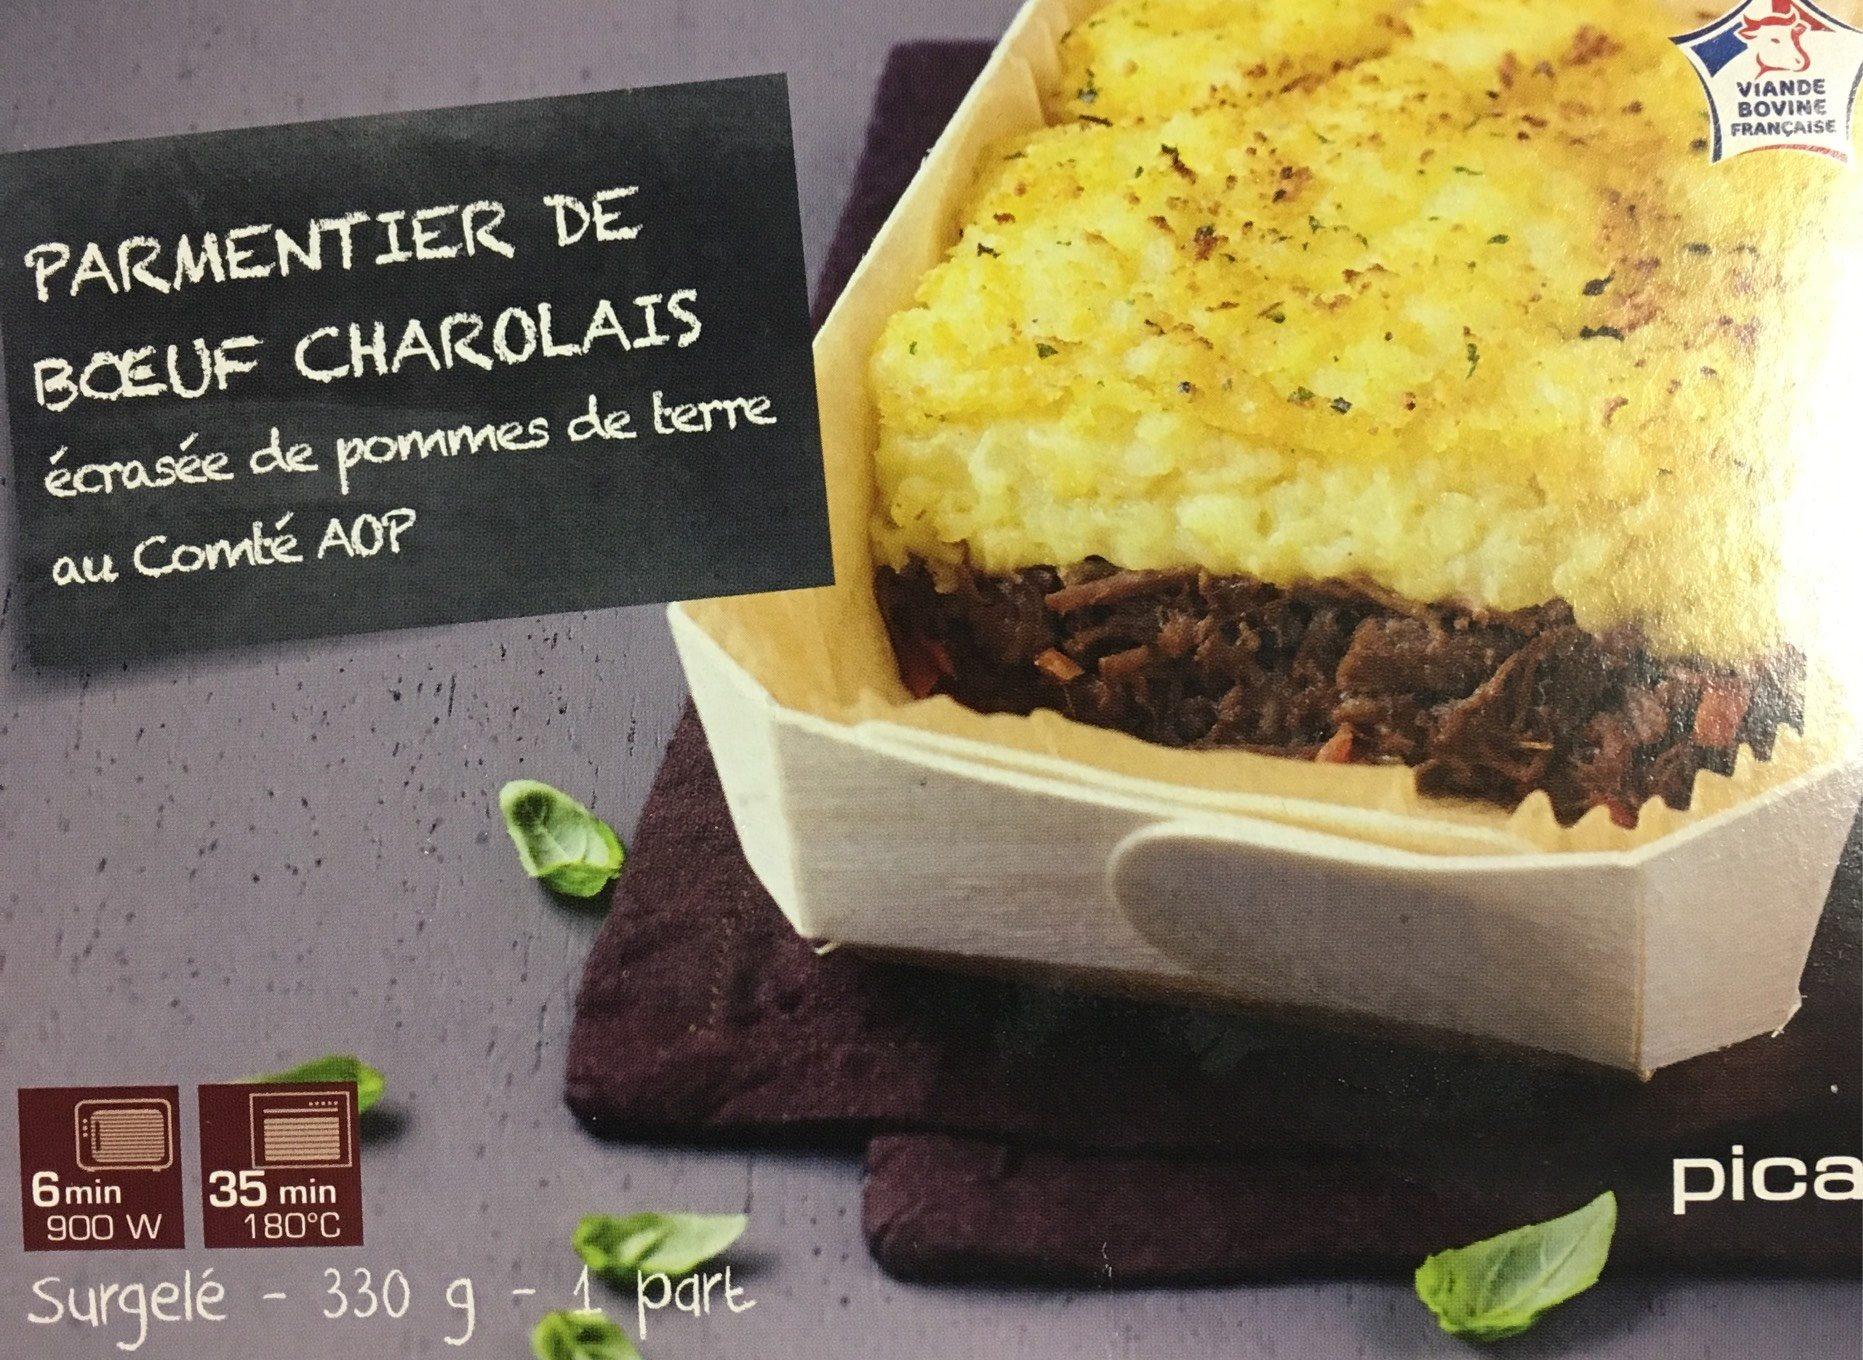 Parmentier de Bœuf Charolais, écrasée de pommes de terre au Comté AOP - Produit - fr